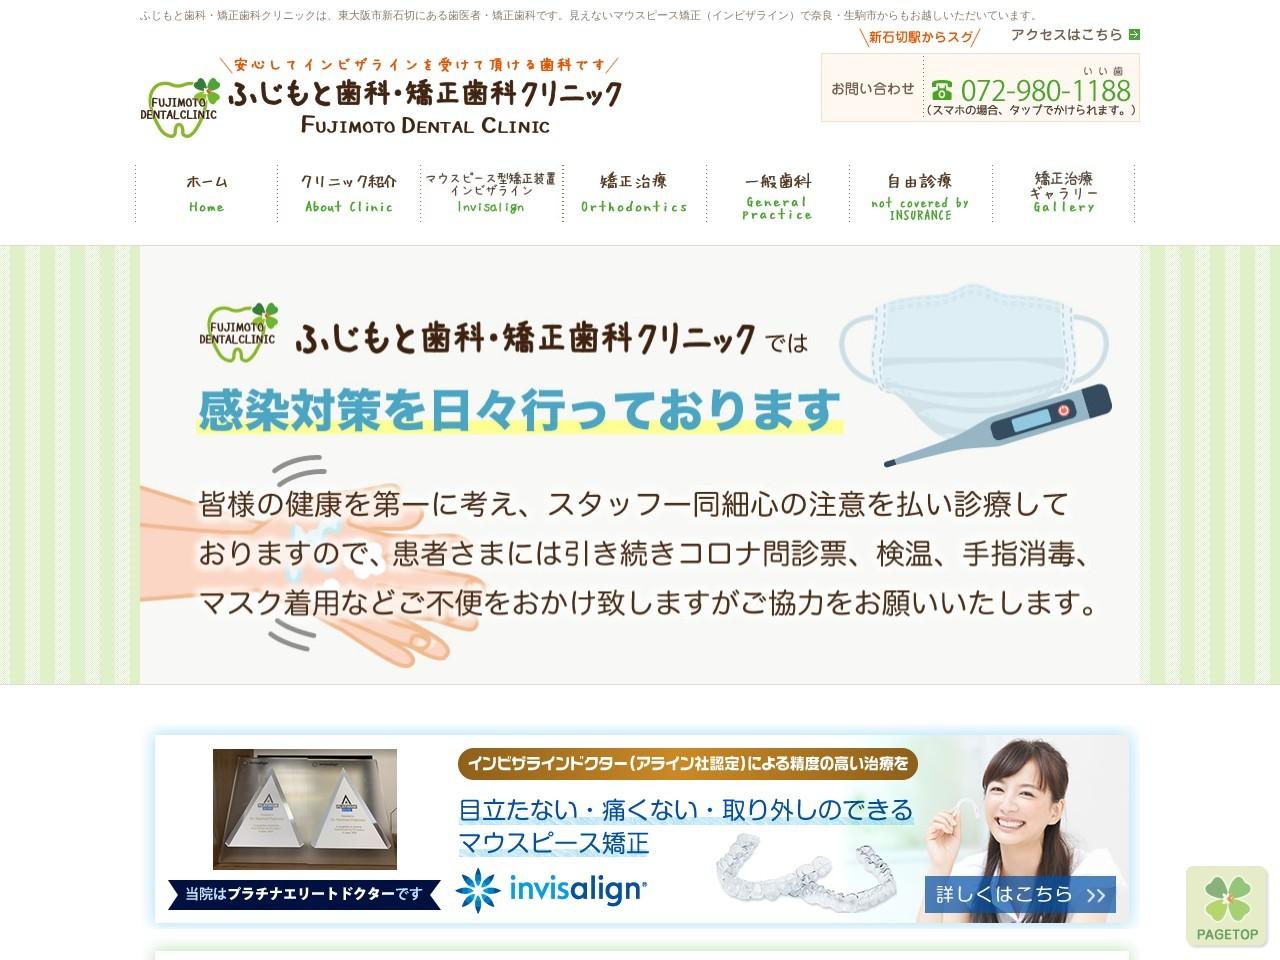 ふじもと歯科・矯正歯科クリニック (大阪府東大阪市)